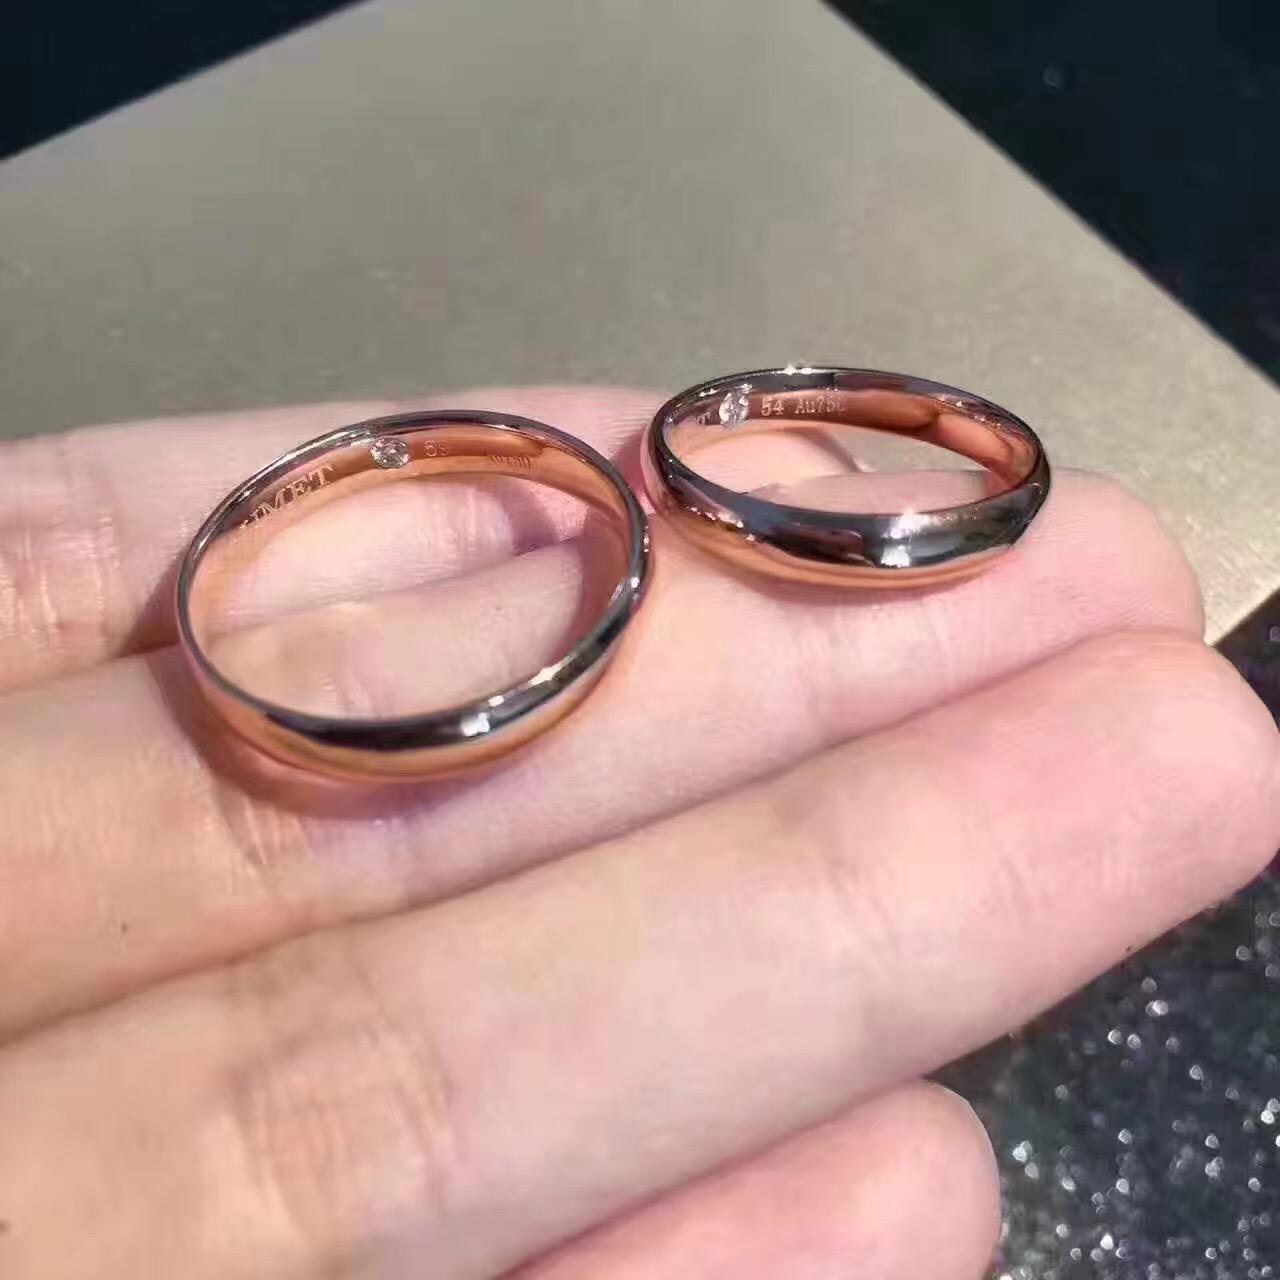 高端私人定制戒指 18K金镶钻婚戒情侣款钻戒对戒镶嵌加工一件代发